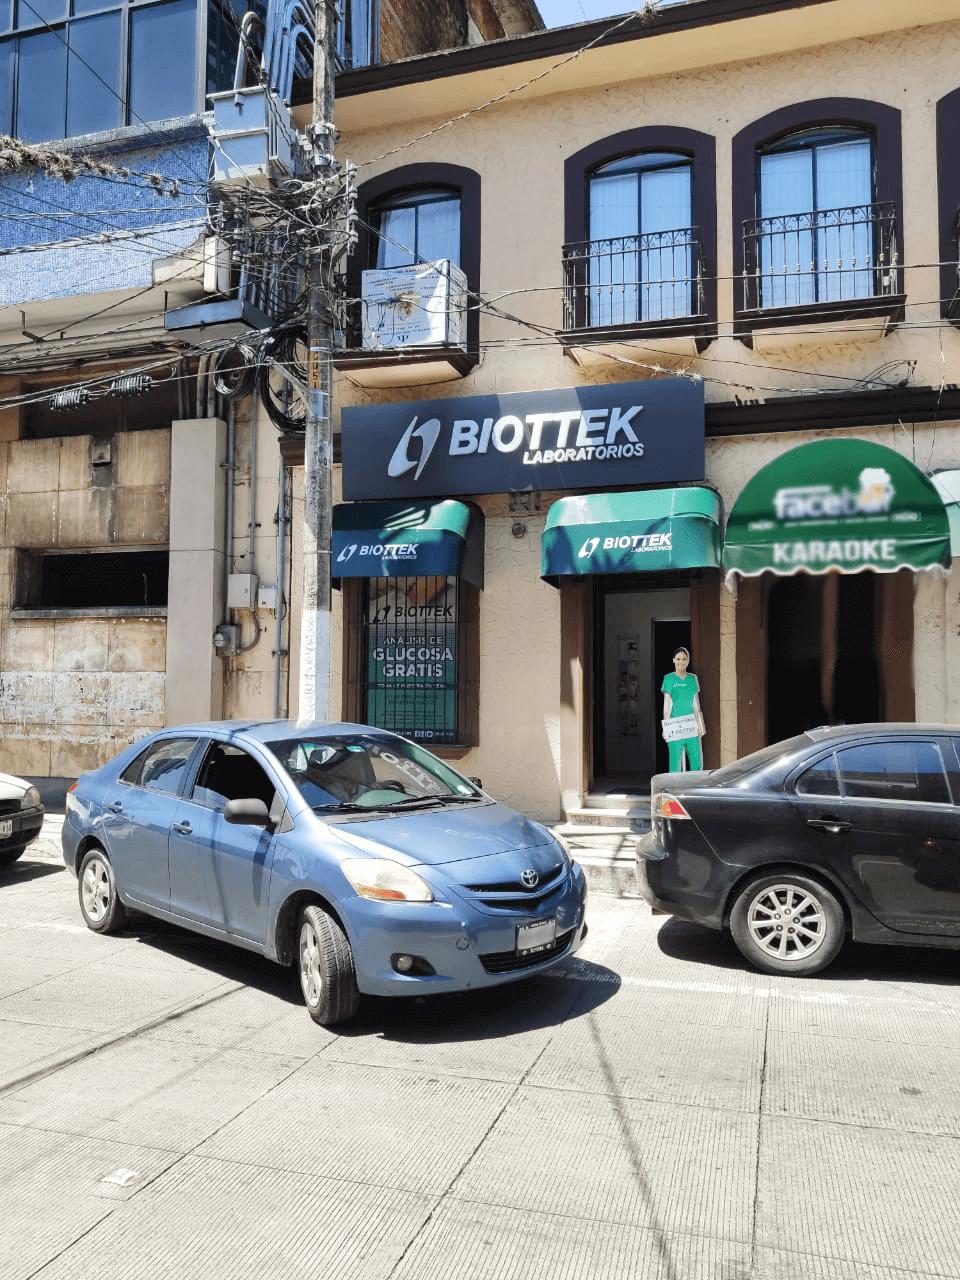 laboratorio-biottek-avenida-1-cordoba.png